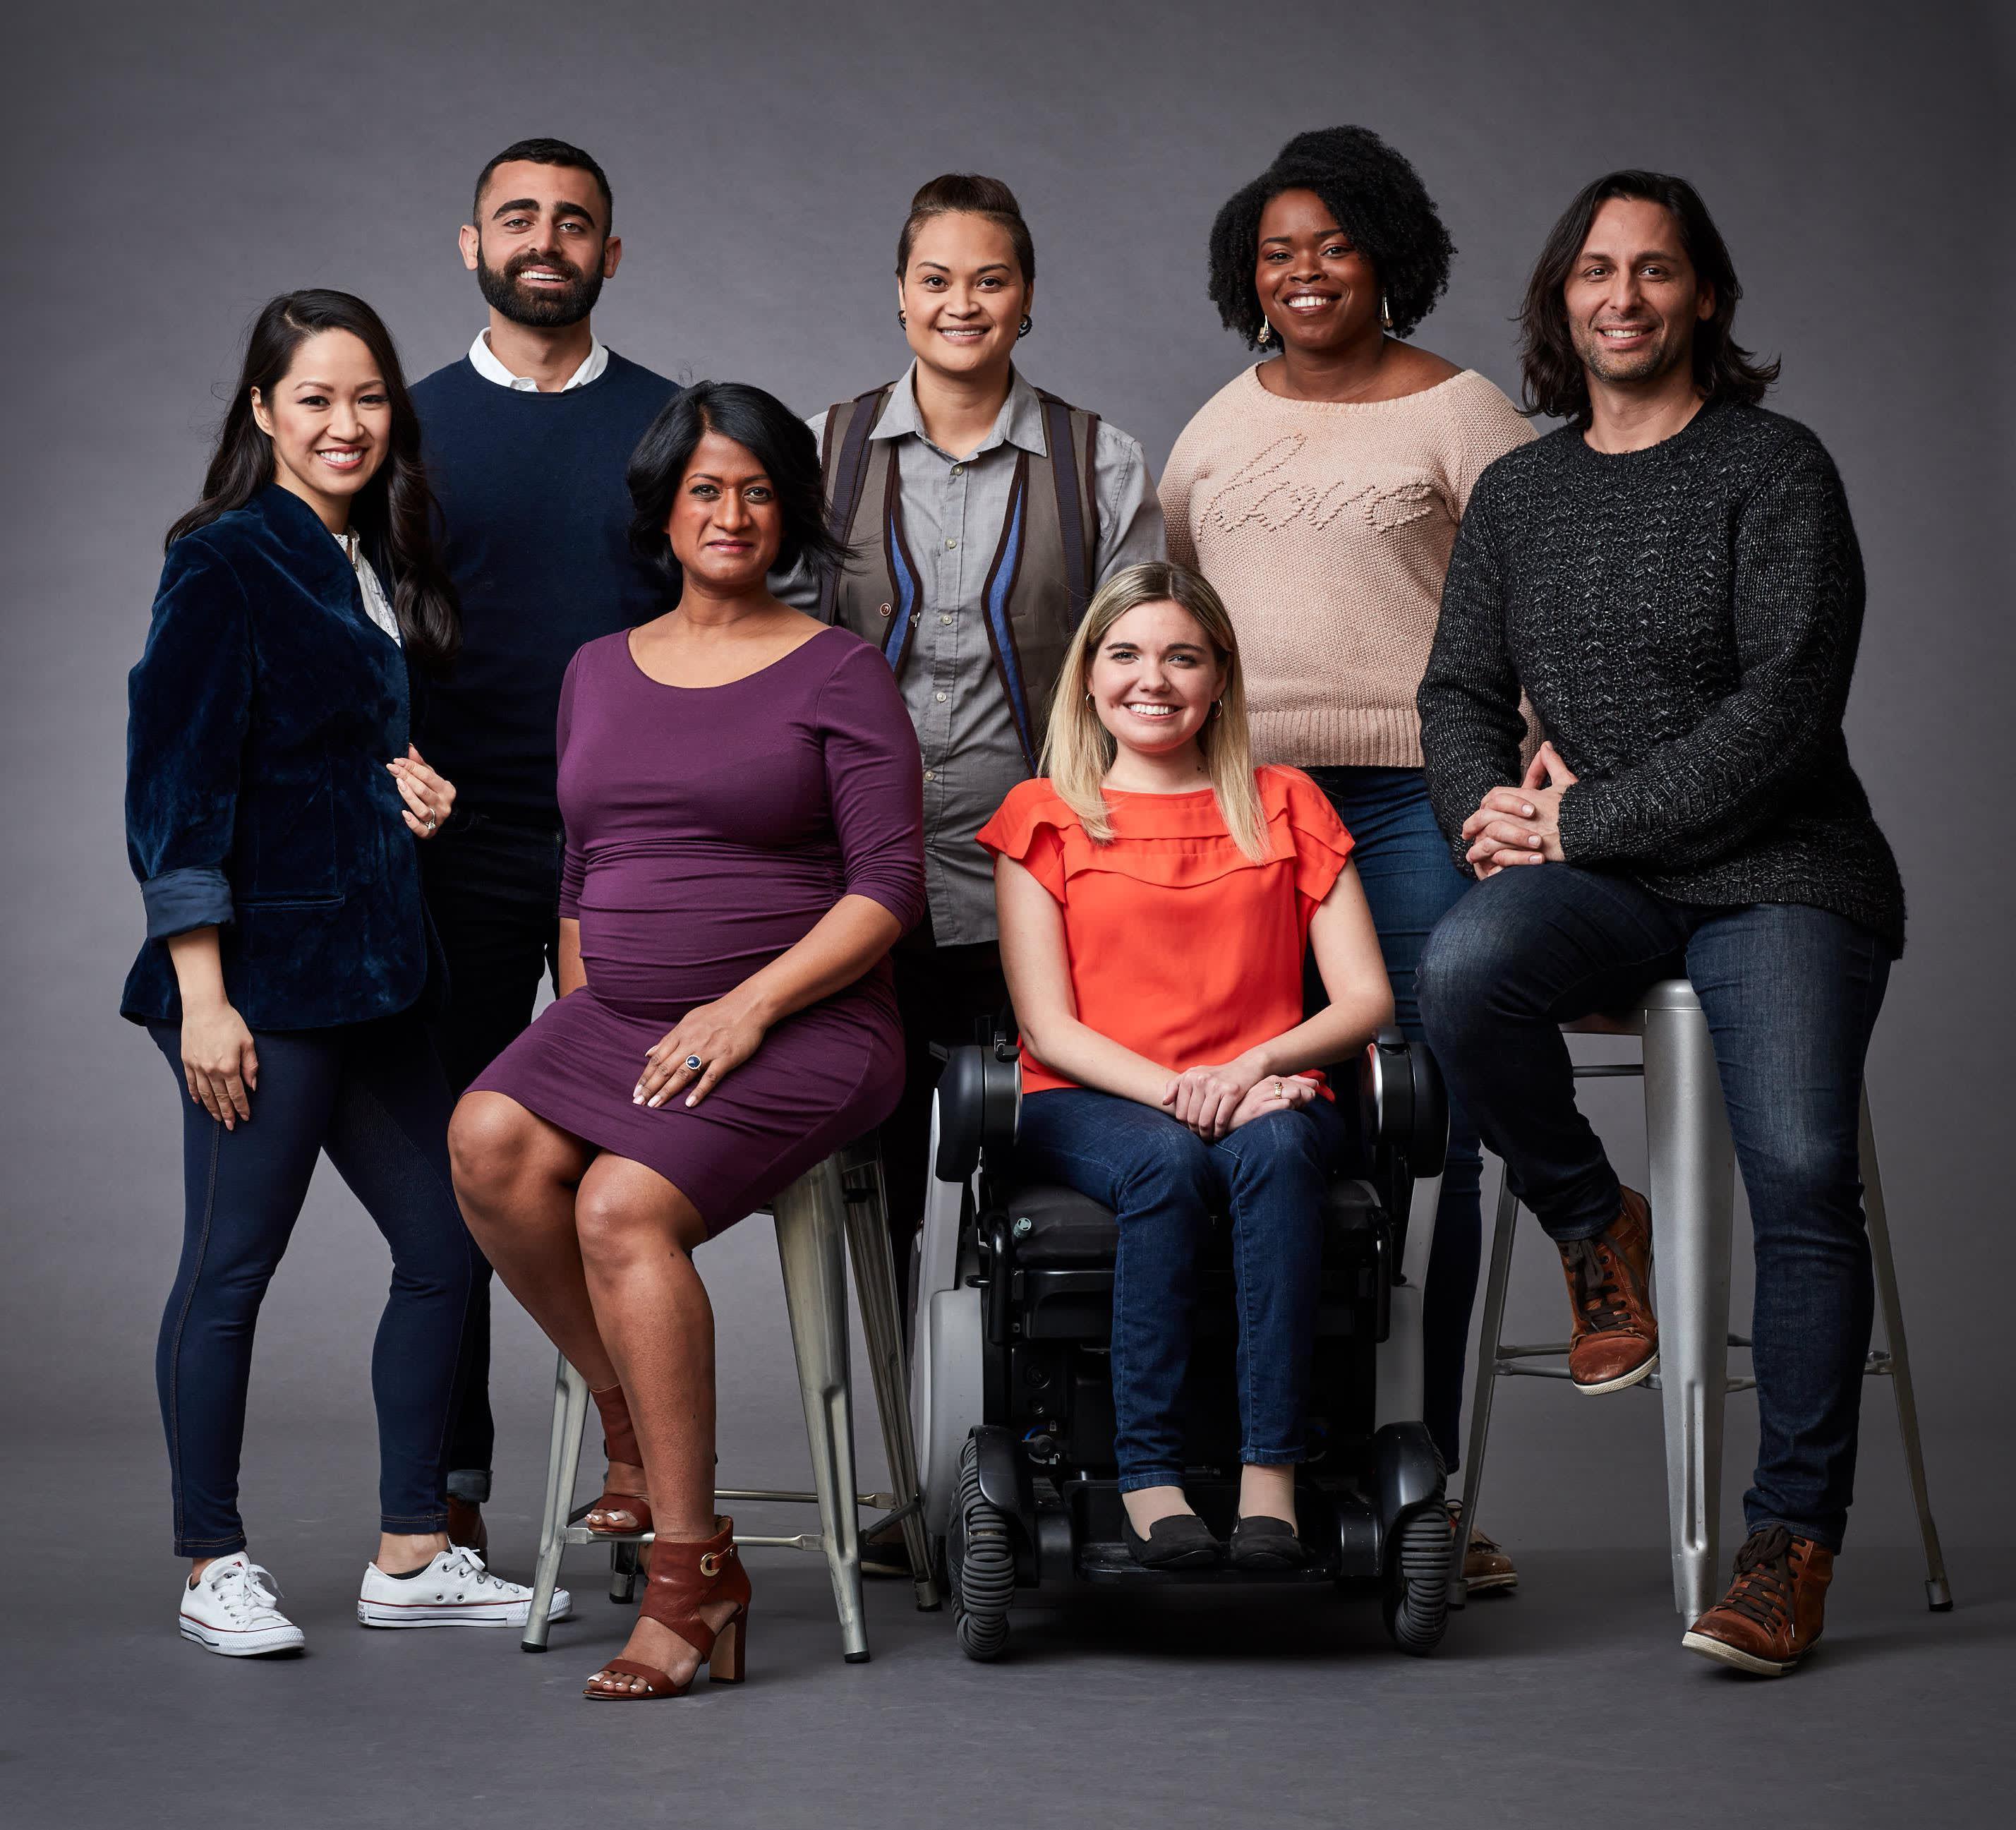 写真撮影のために集合した Salesforce Ohana グループのメンバー。